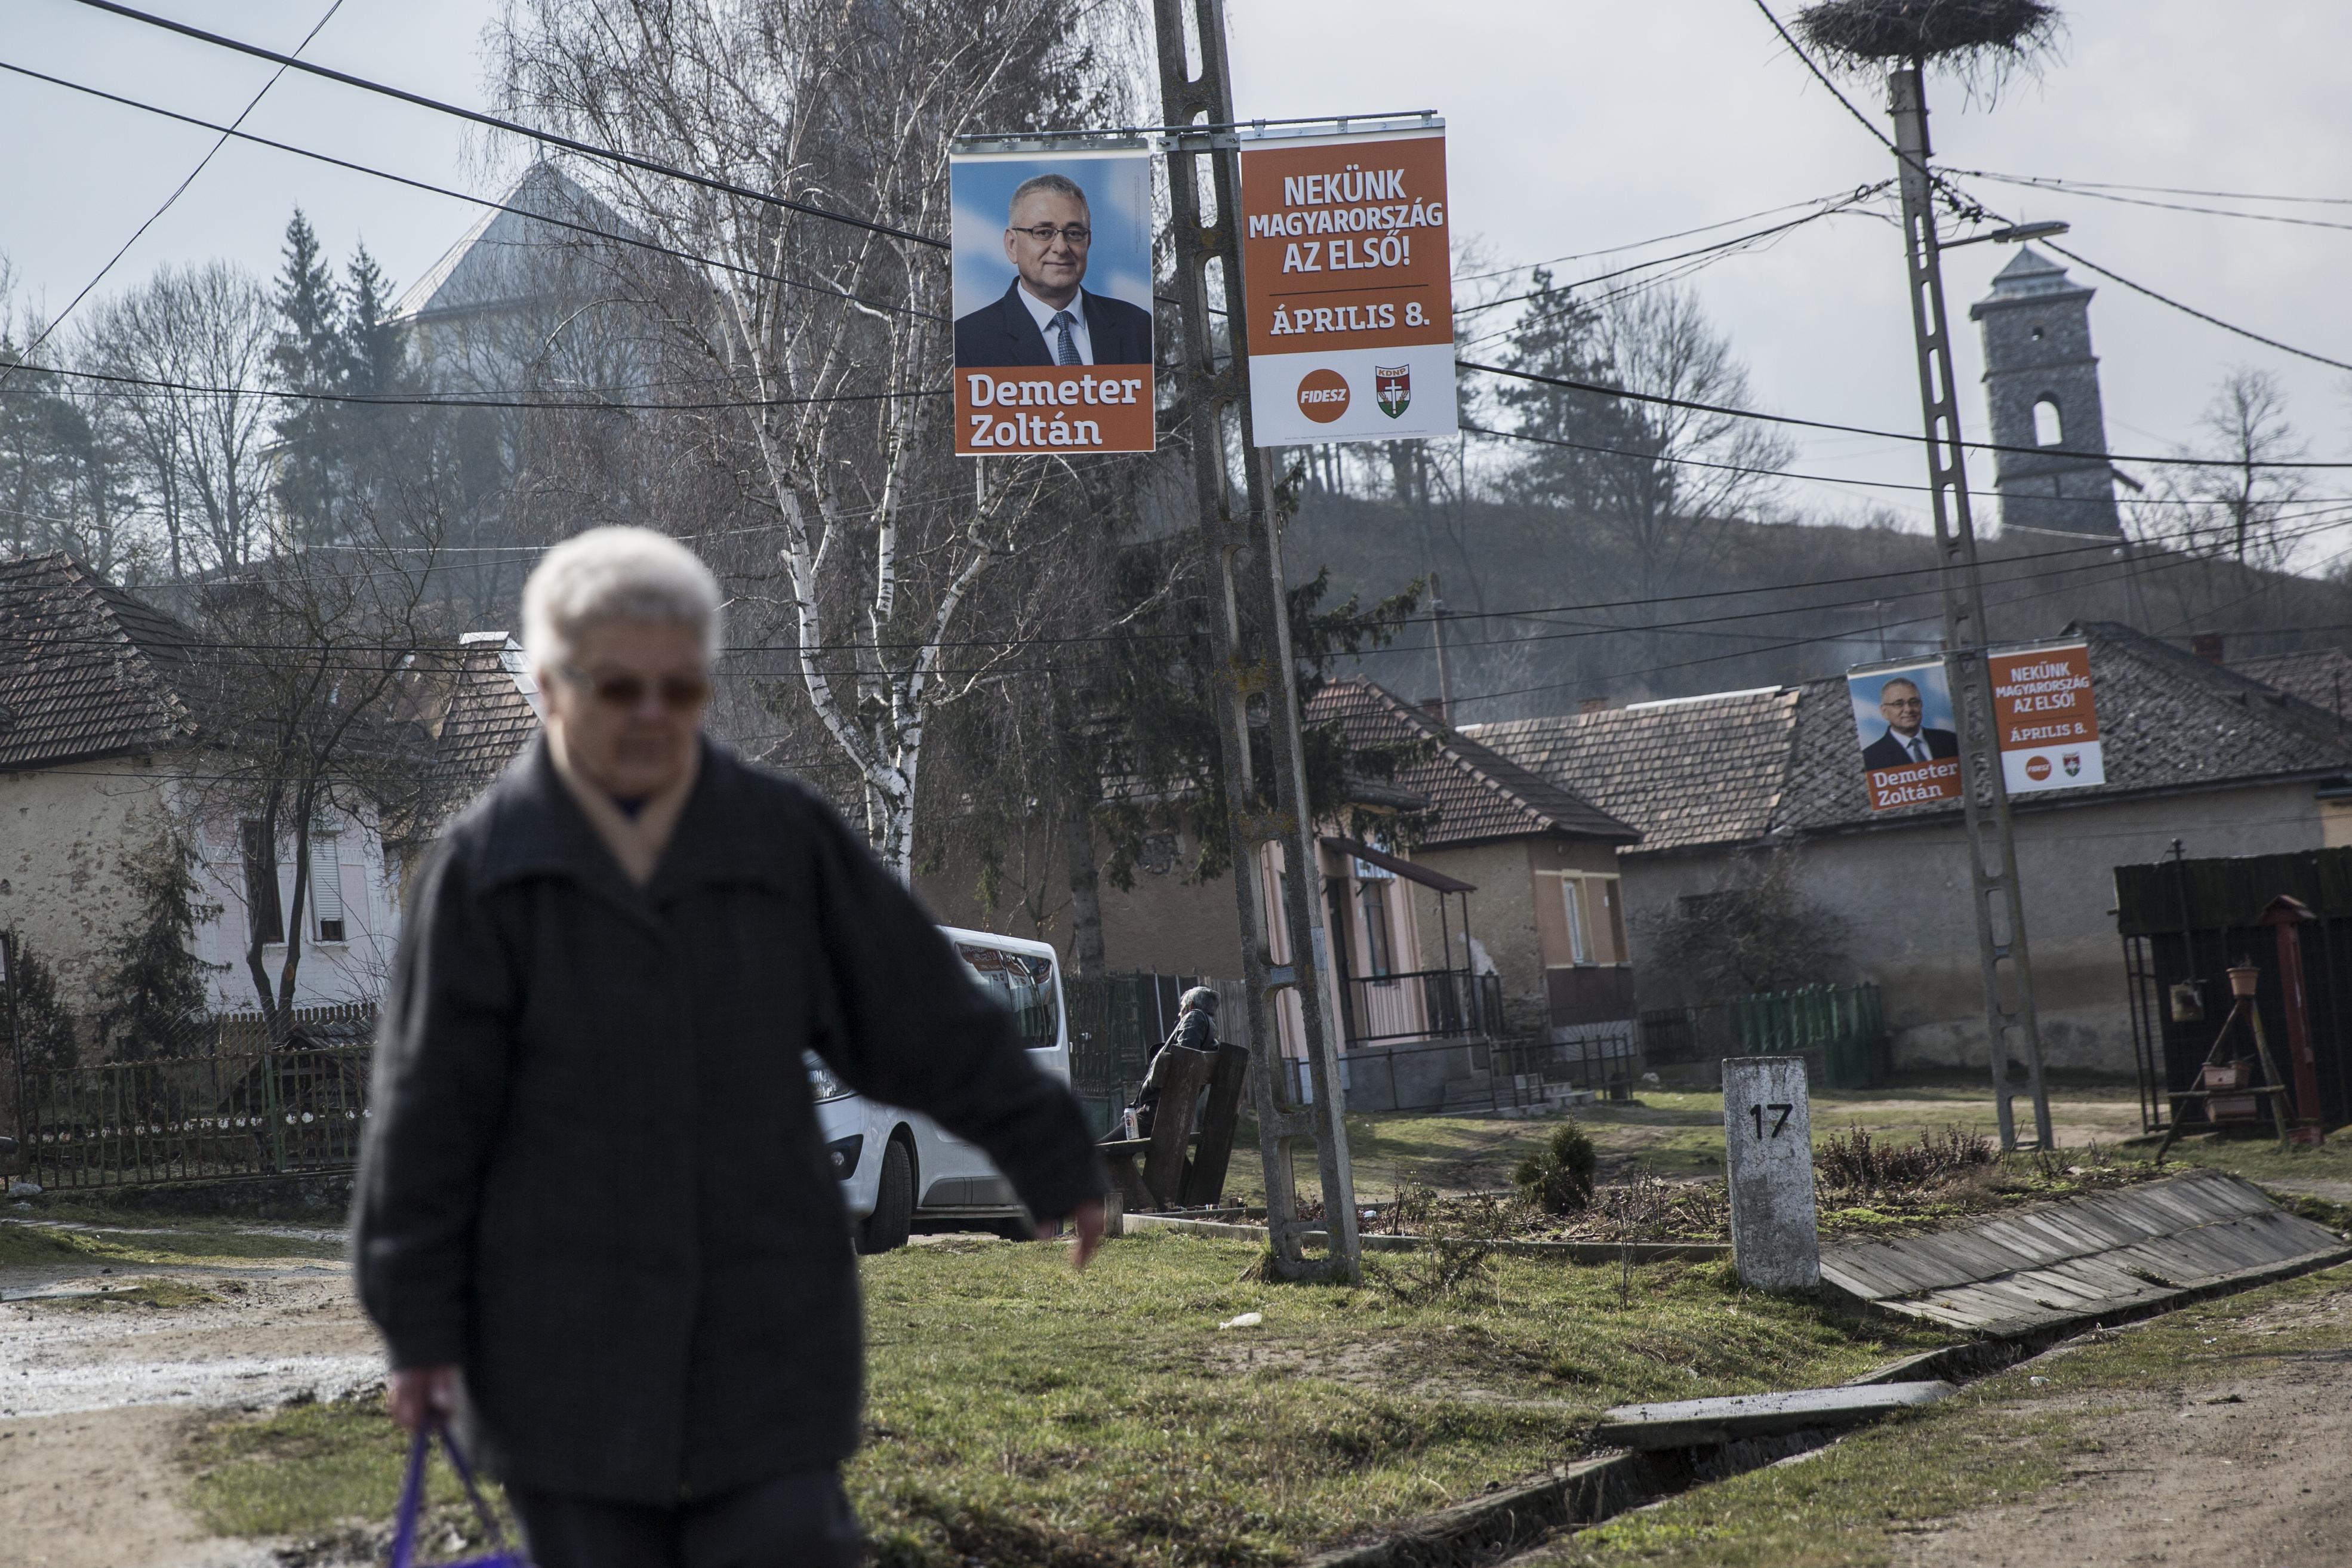 A kiszolgáltatottság és a propaganda letarolta a Fidesznek a szegény vidéket